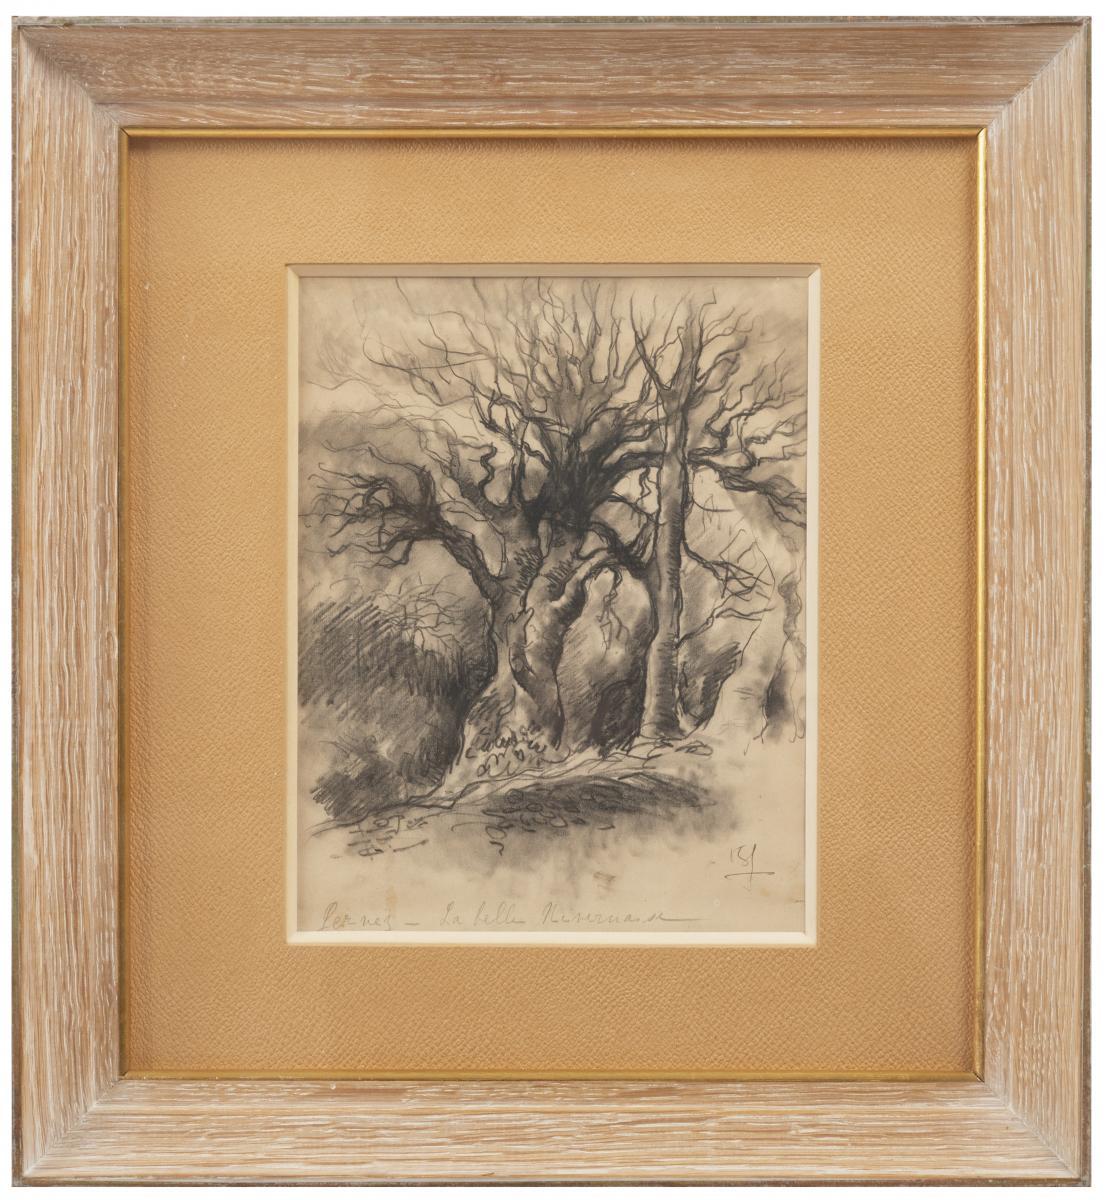 Paul-elie Gernez (1888-1948), La Belle Nivernaise, Lavis Signé